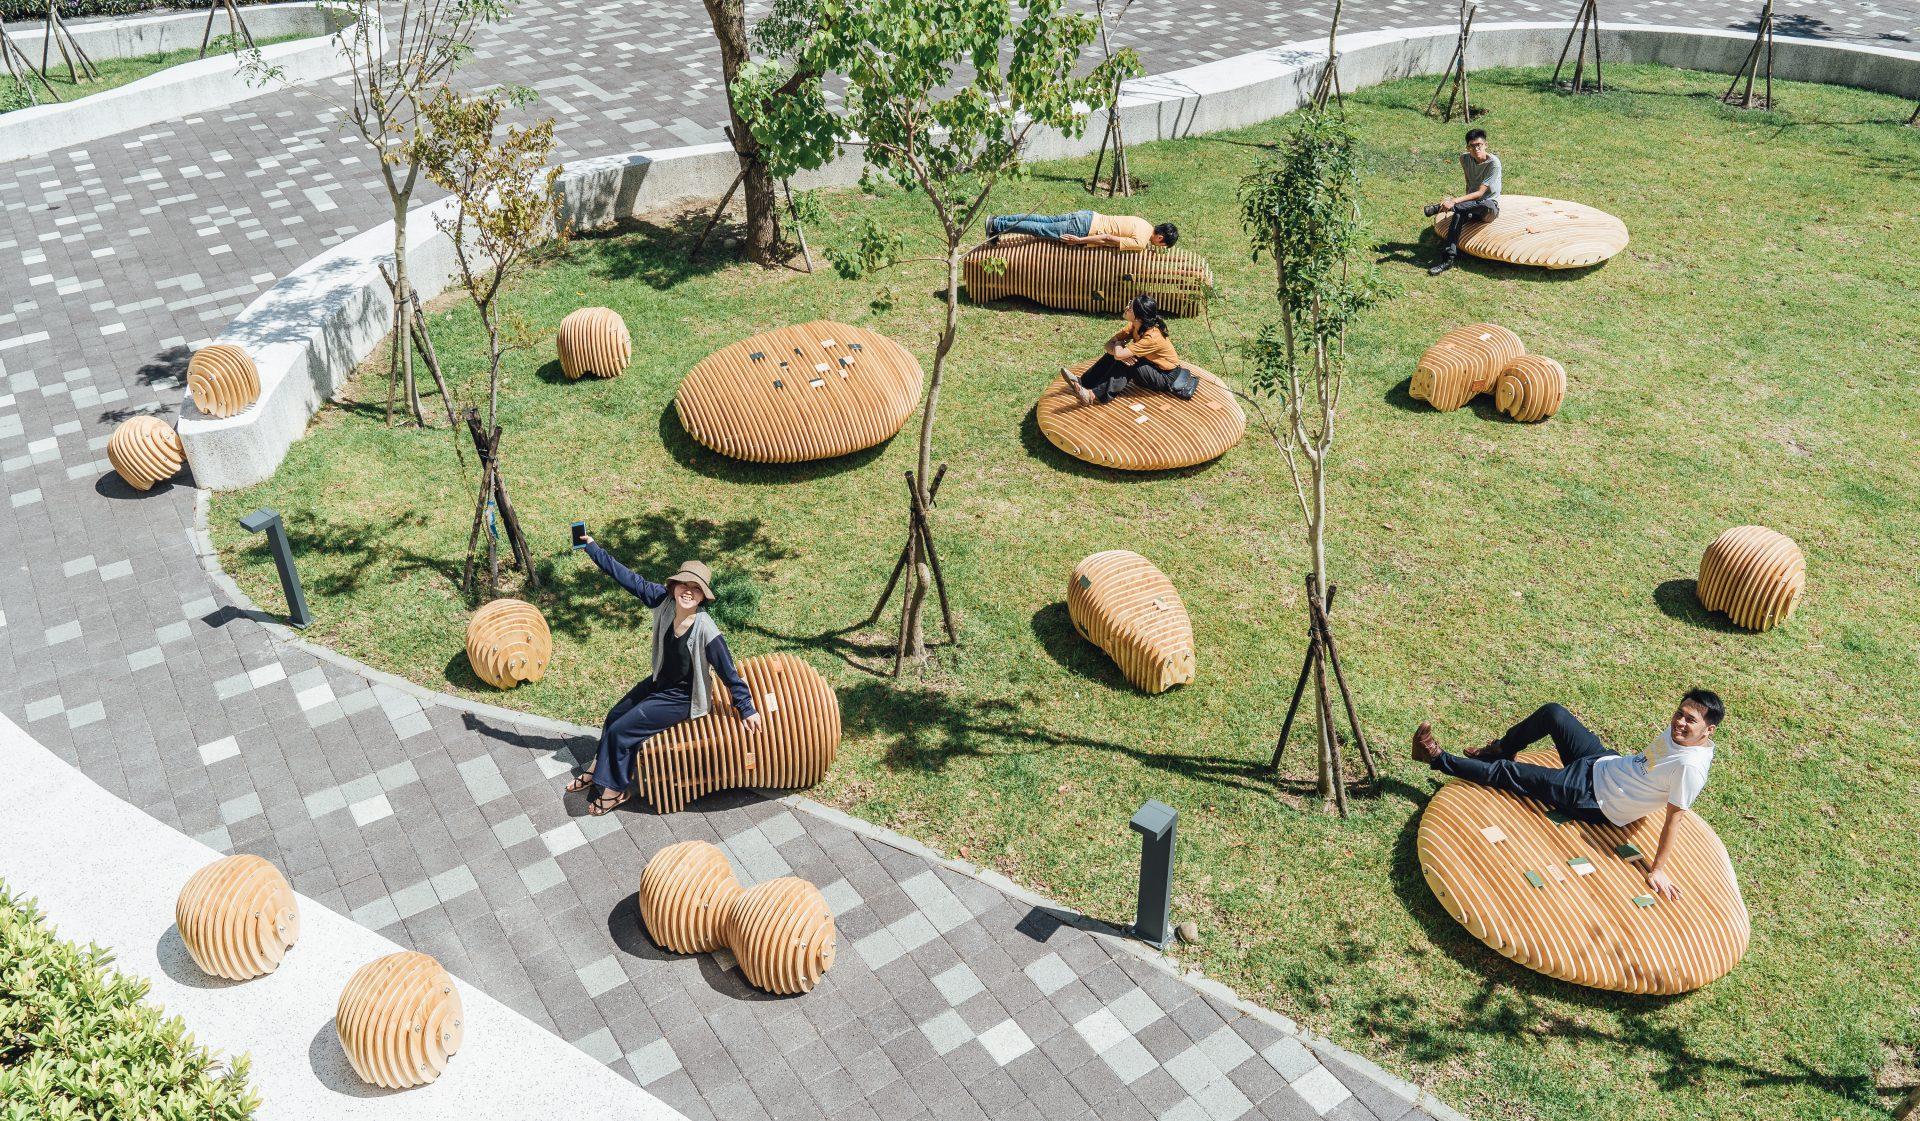 以藝術參與開啟家常對話 建立共居住宅裡的關係新美學:好伴社計/臺中市社會住宅公共藝術計畫